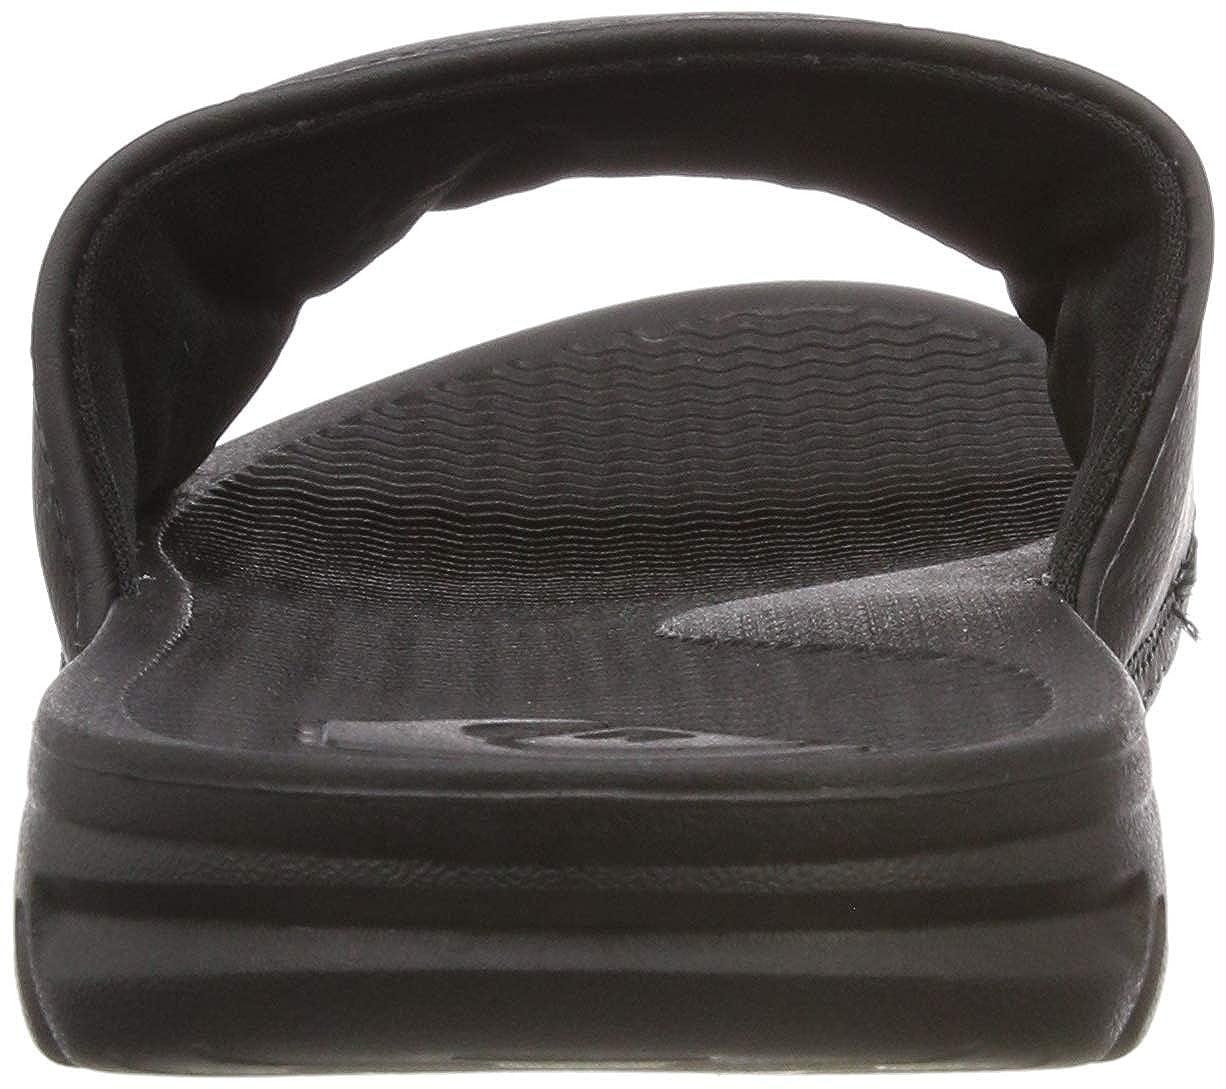 Quiksilver Shoreline Zapatos de Playa y Piscina para Hombre